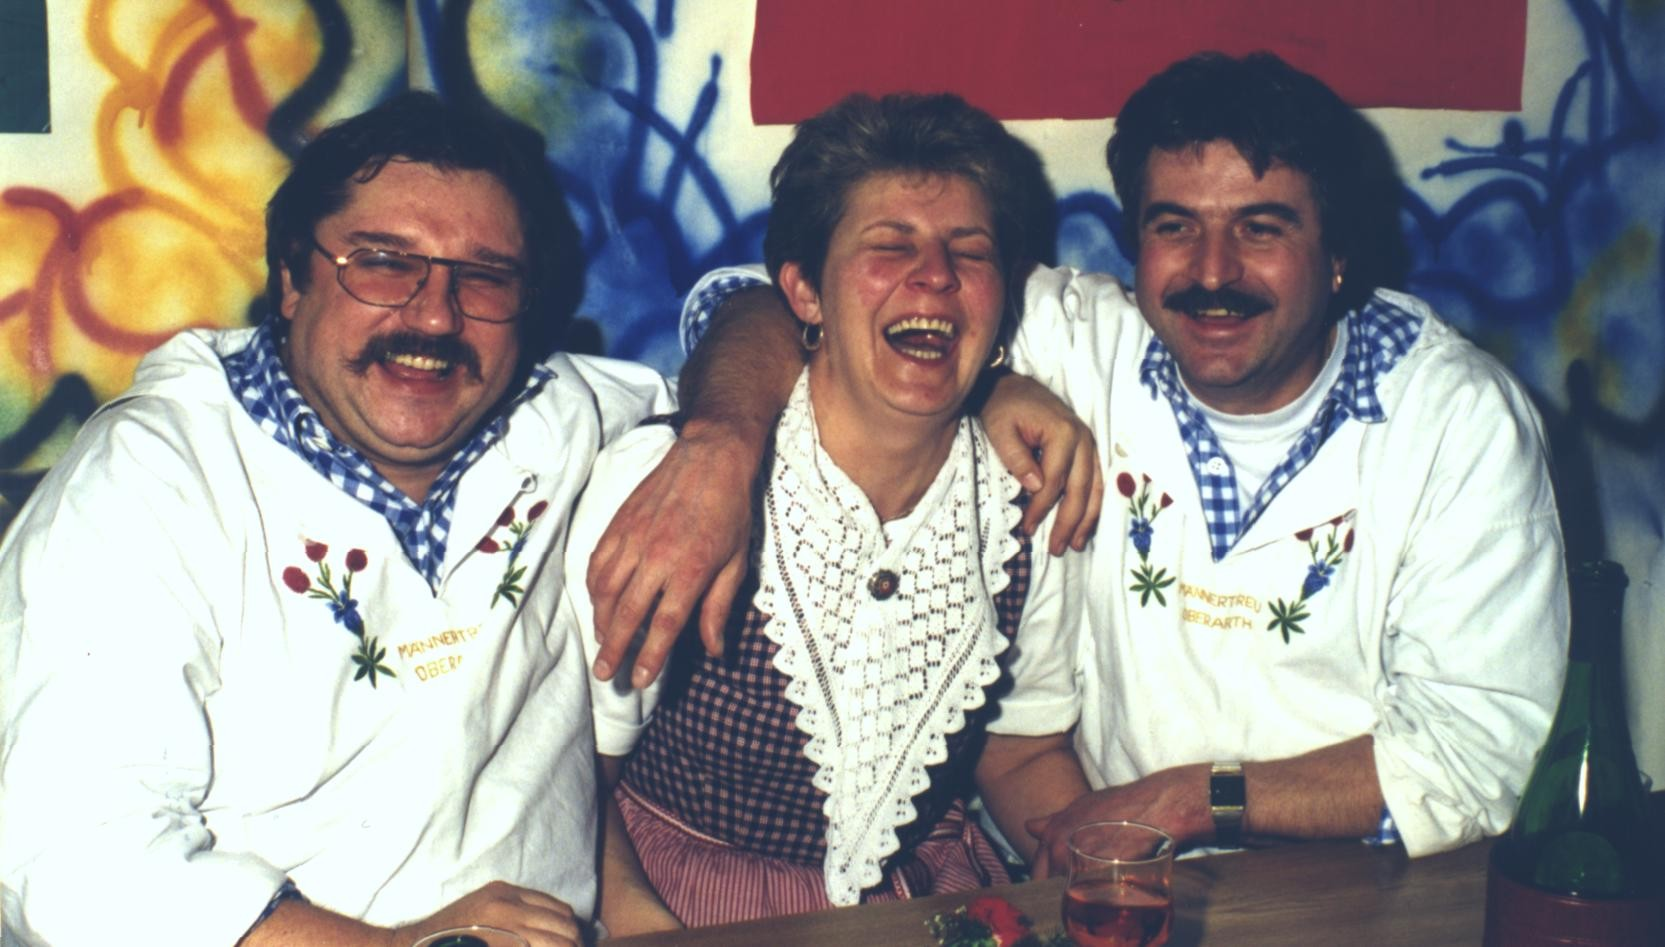 Bärti, Berti und Nobi nach der ZSJV-DV 1994